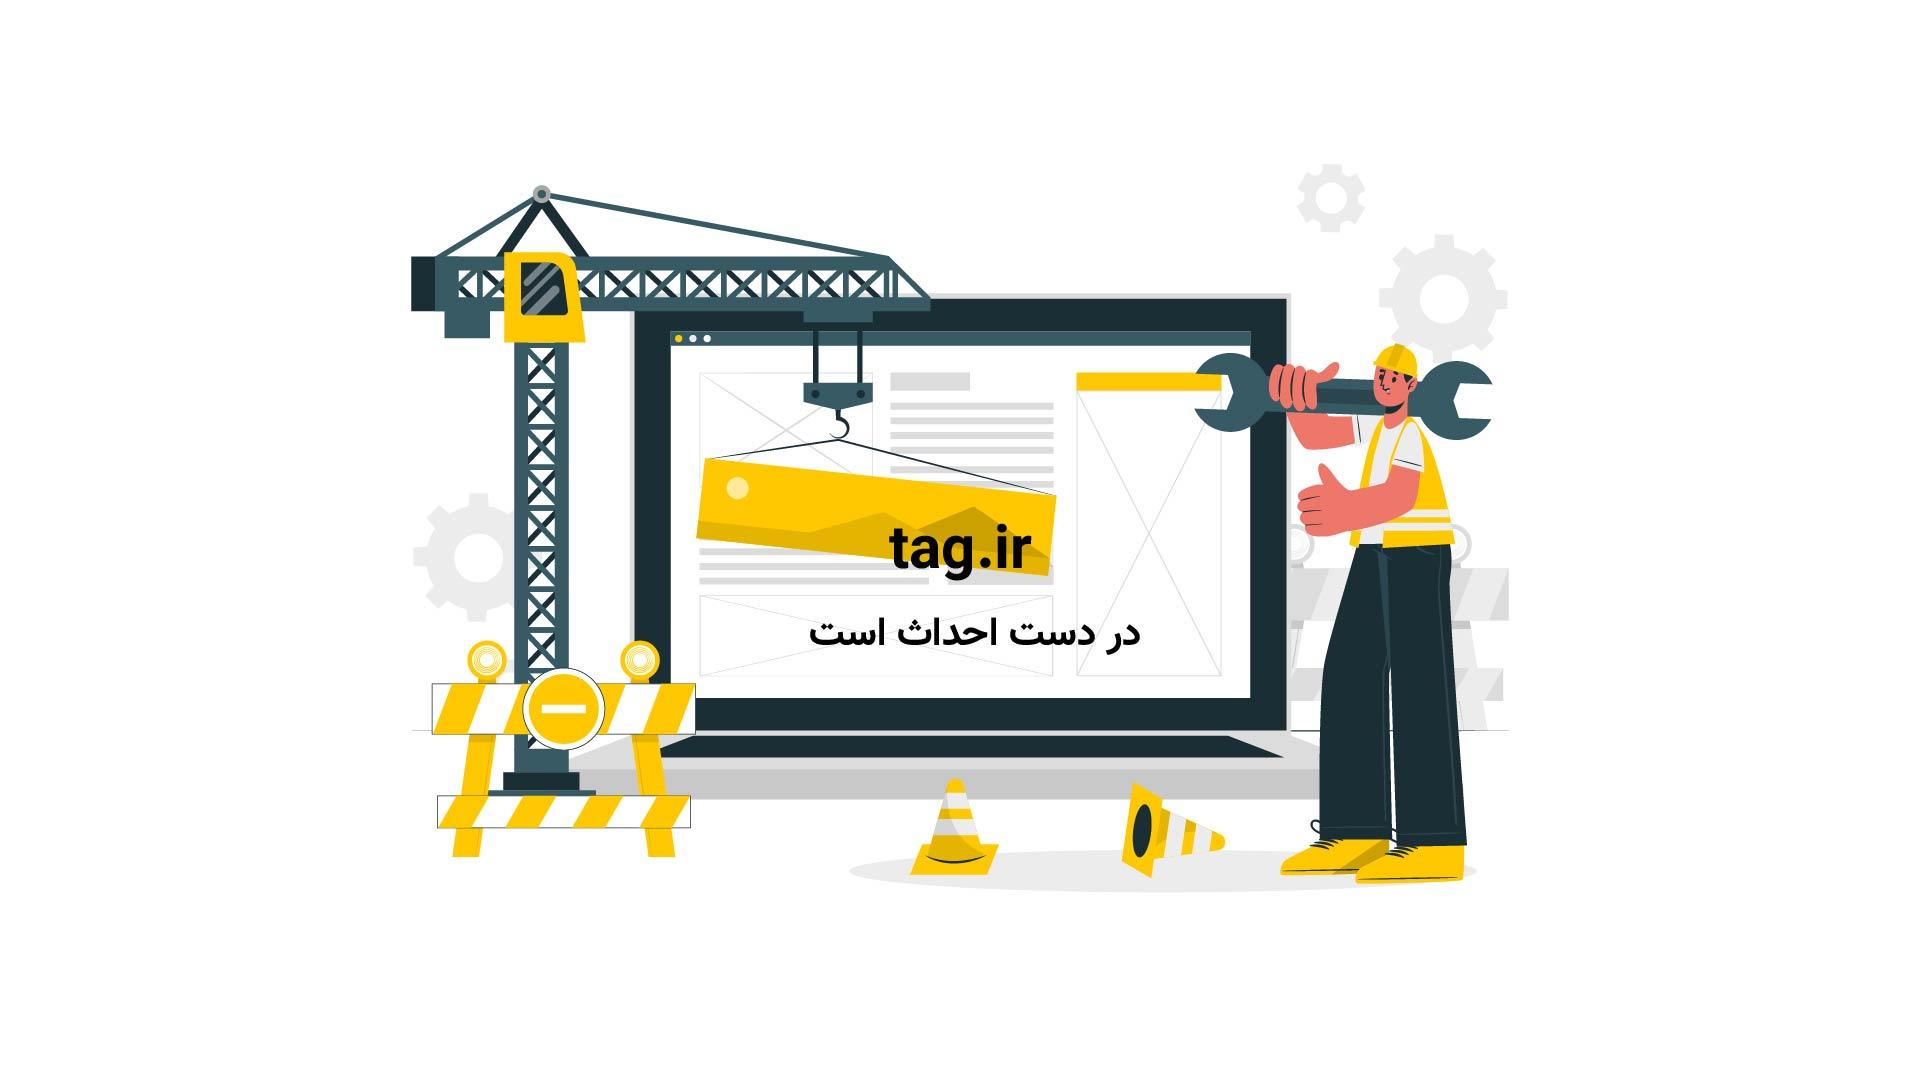 سخنرانی های تد؛ چرا حرف ایکس همچنان مجهول است | فیلم